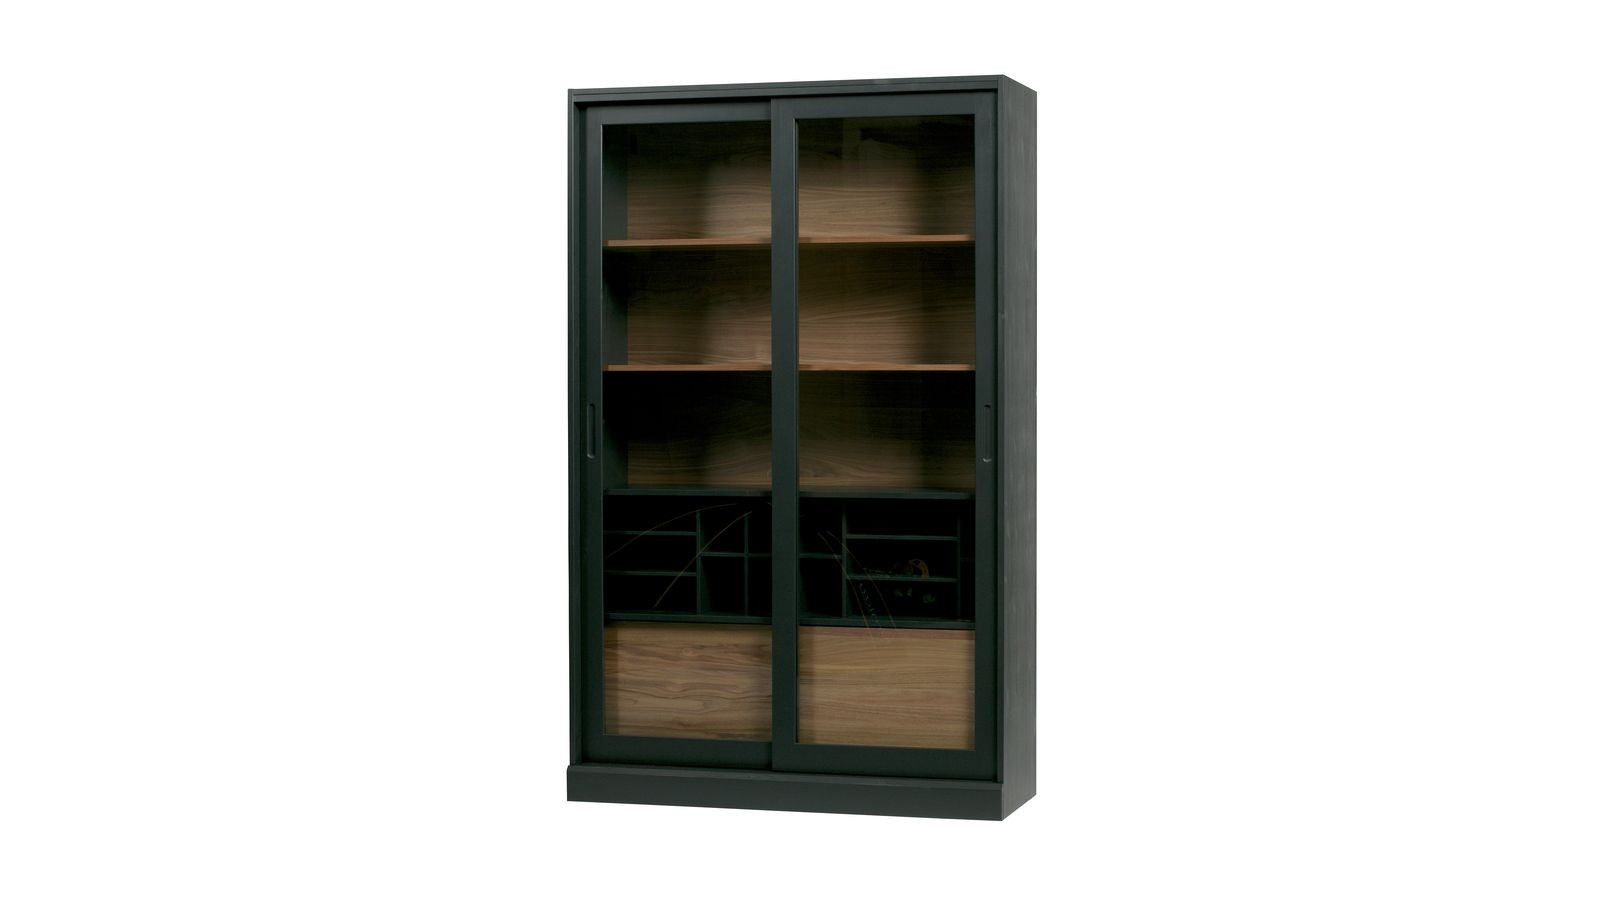 vitrine en bois 2 portes coulissantes